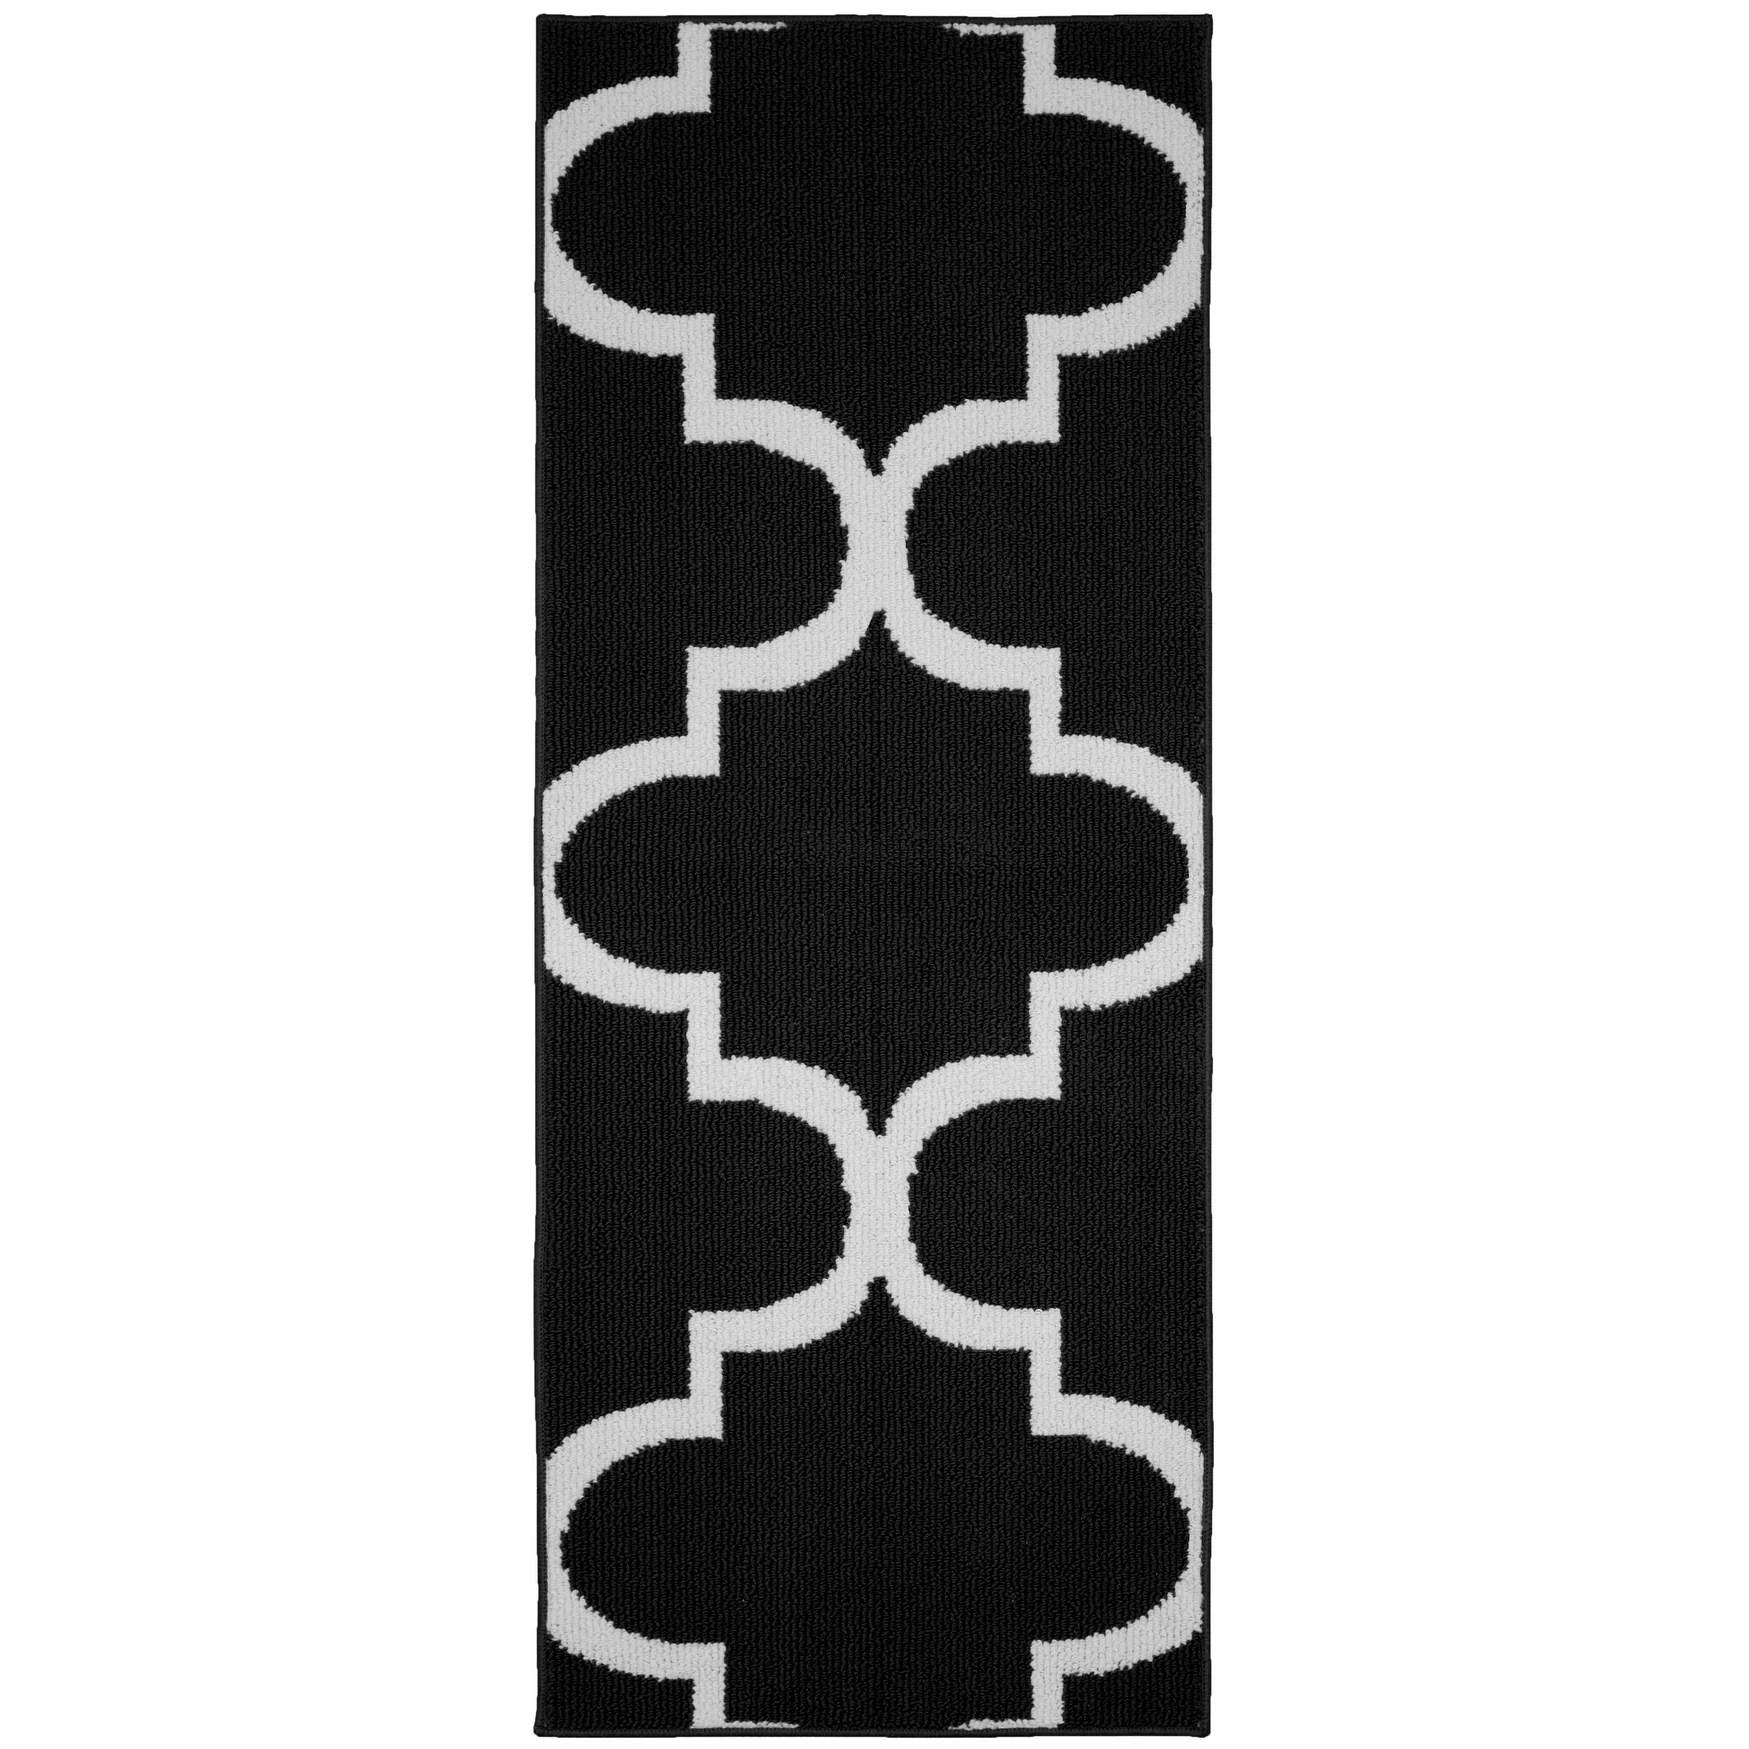 Quatrefoil Black White Living Room Area Rug Runner